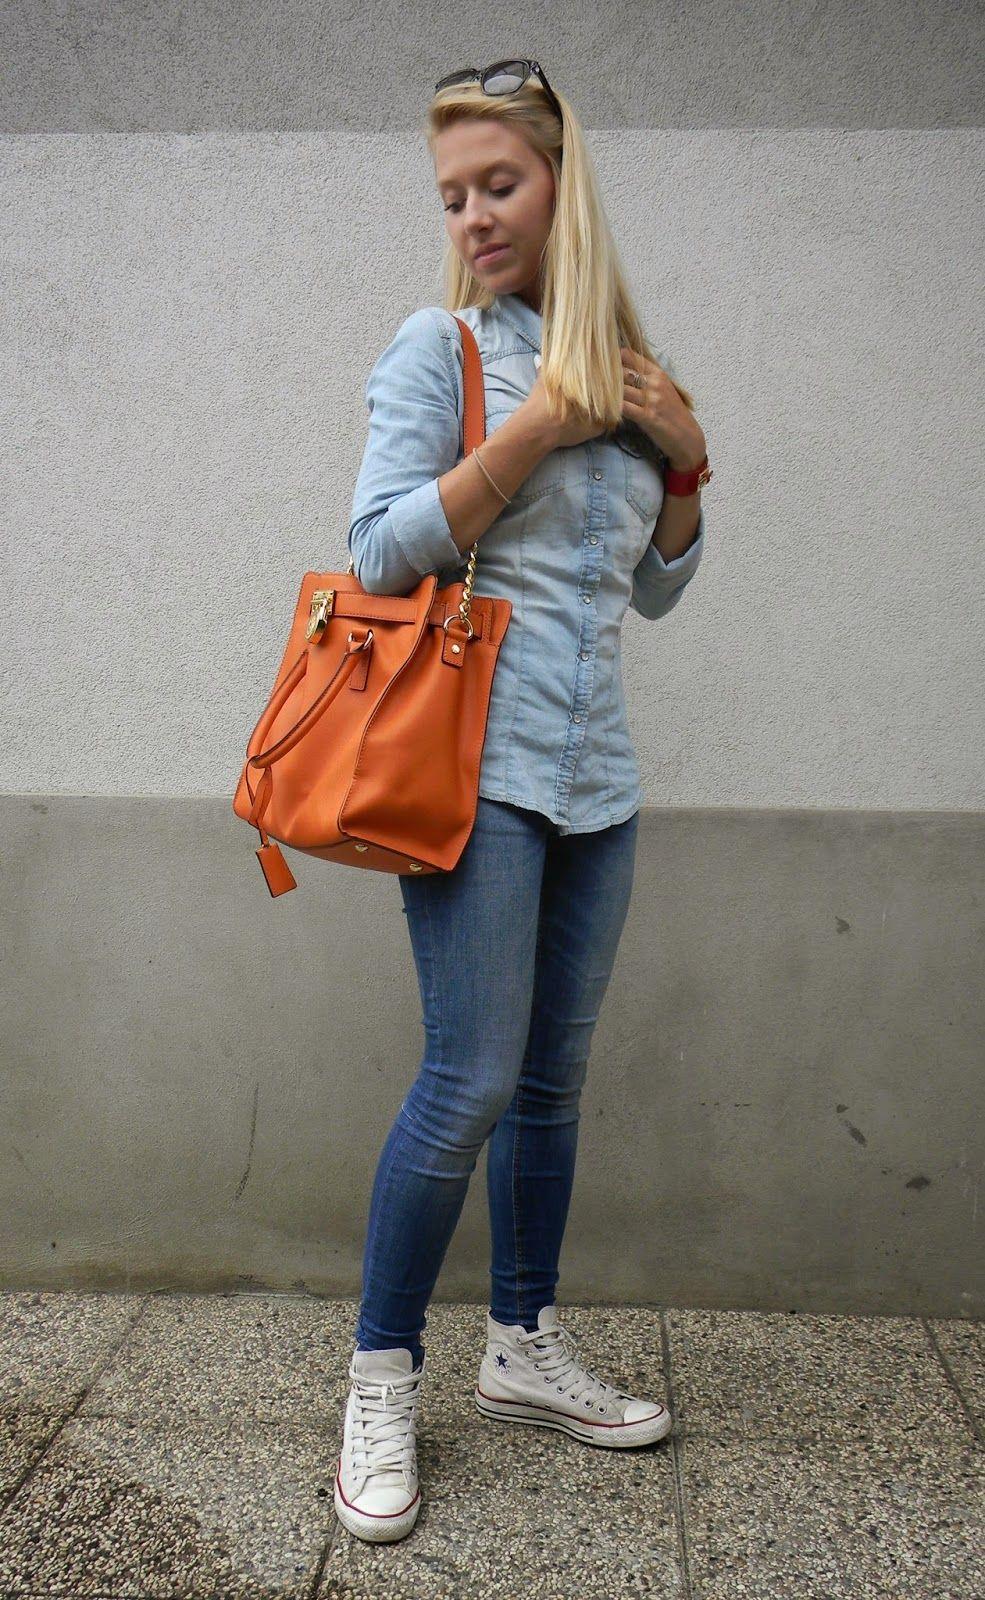 Women 39 S Light Blue Denim Shirt Blue Skinny Jeans White